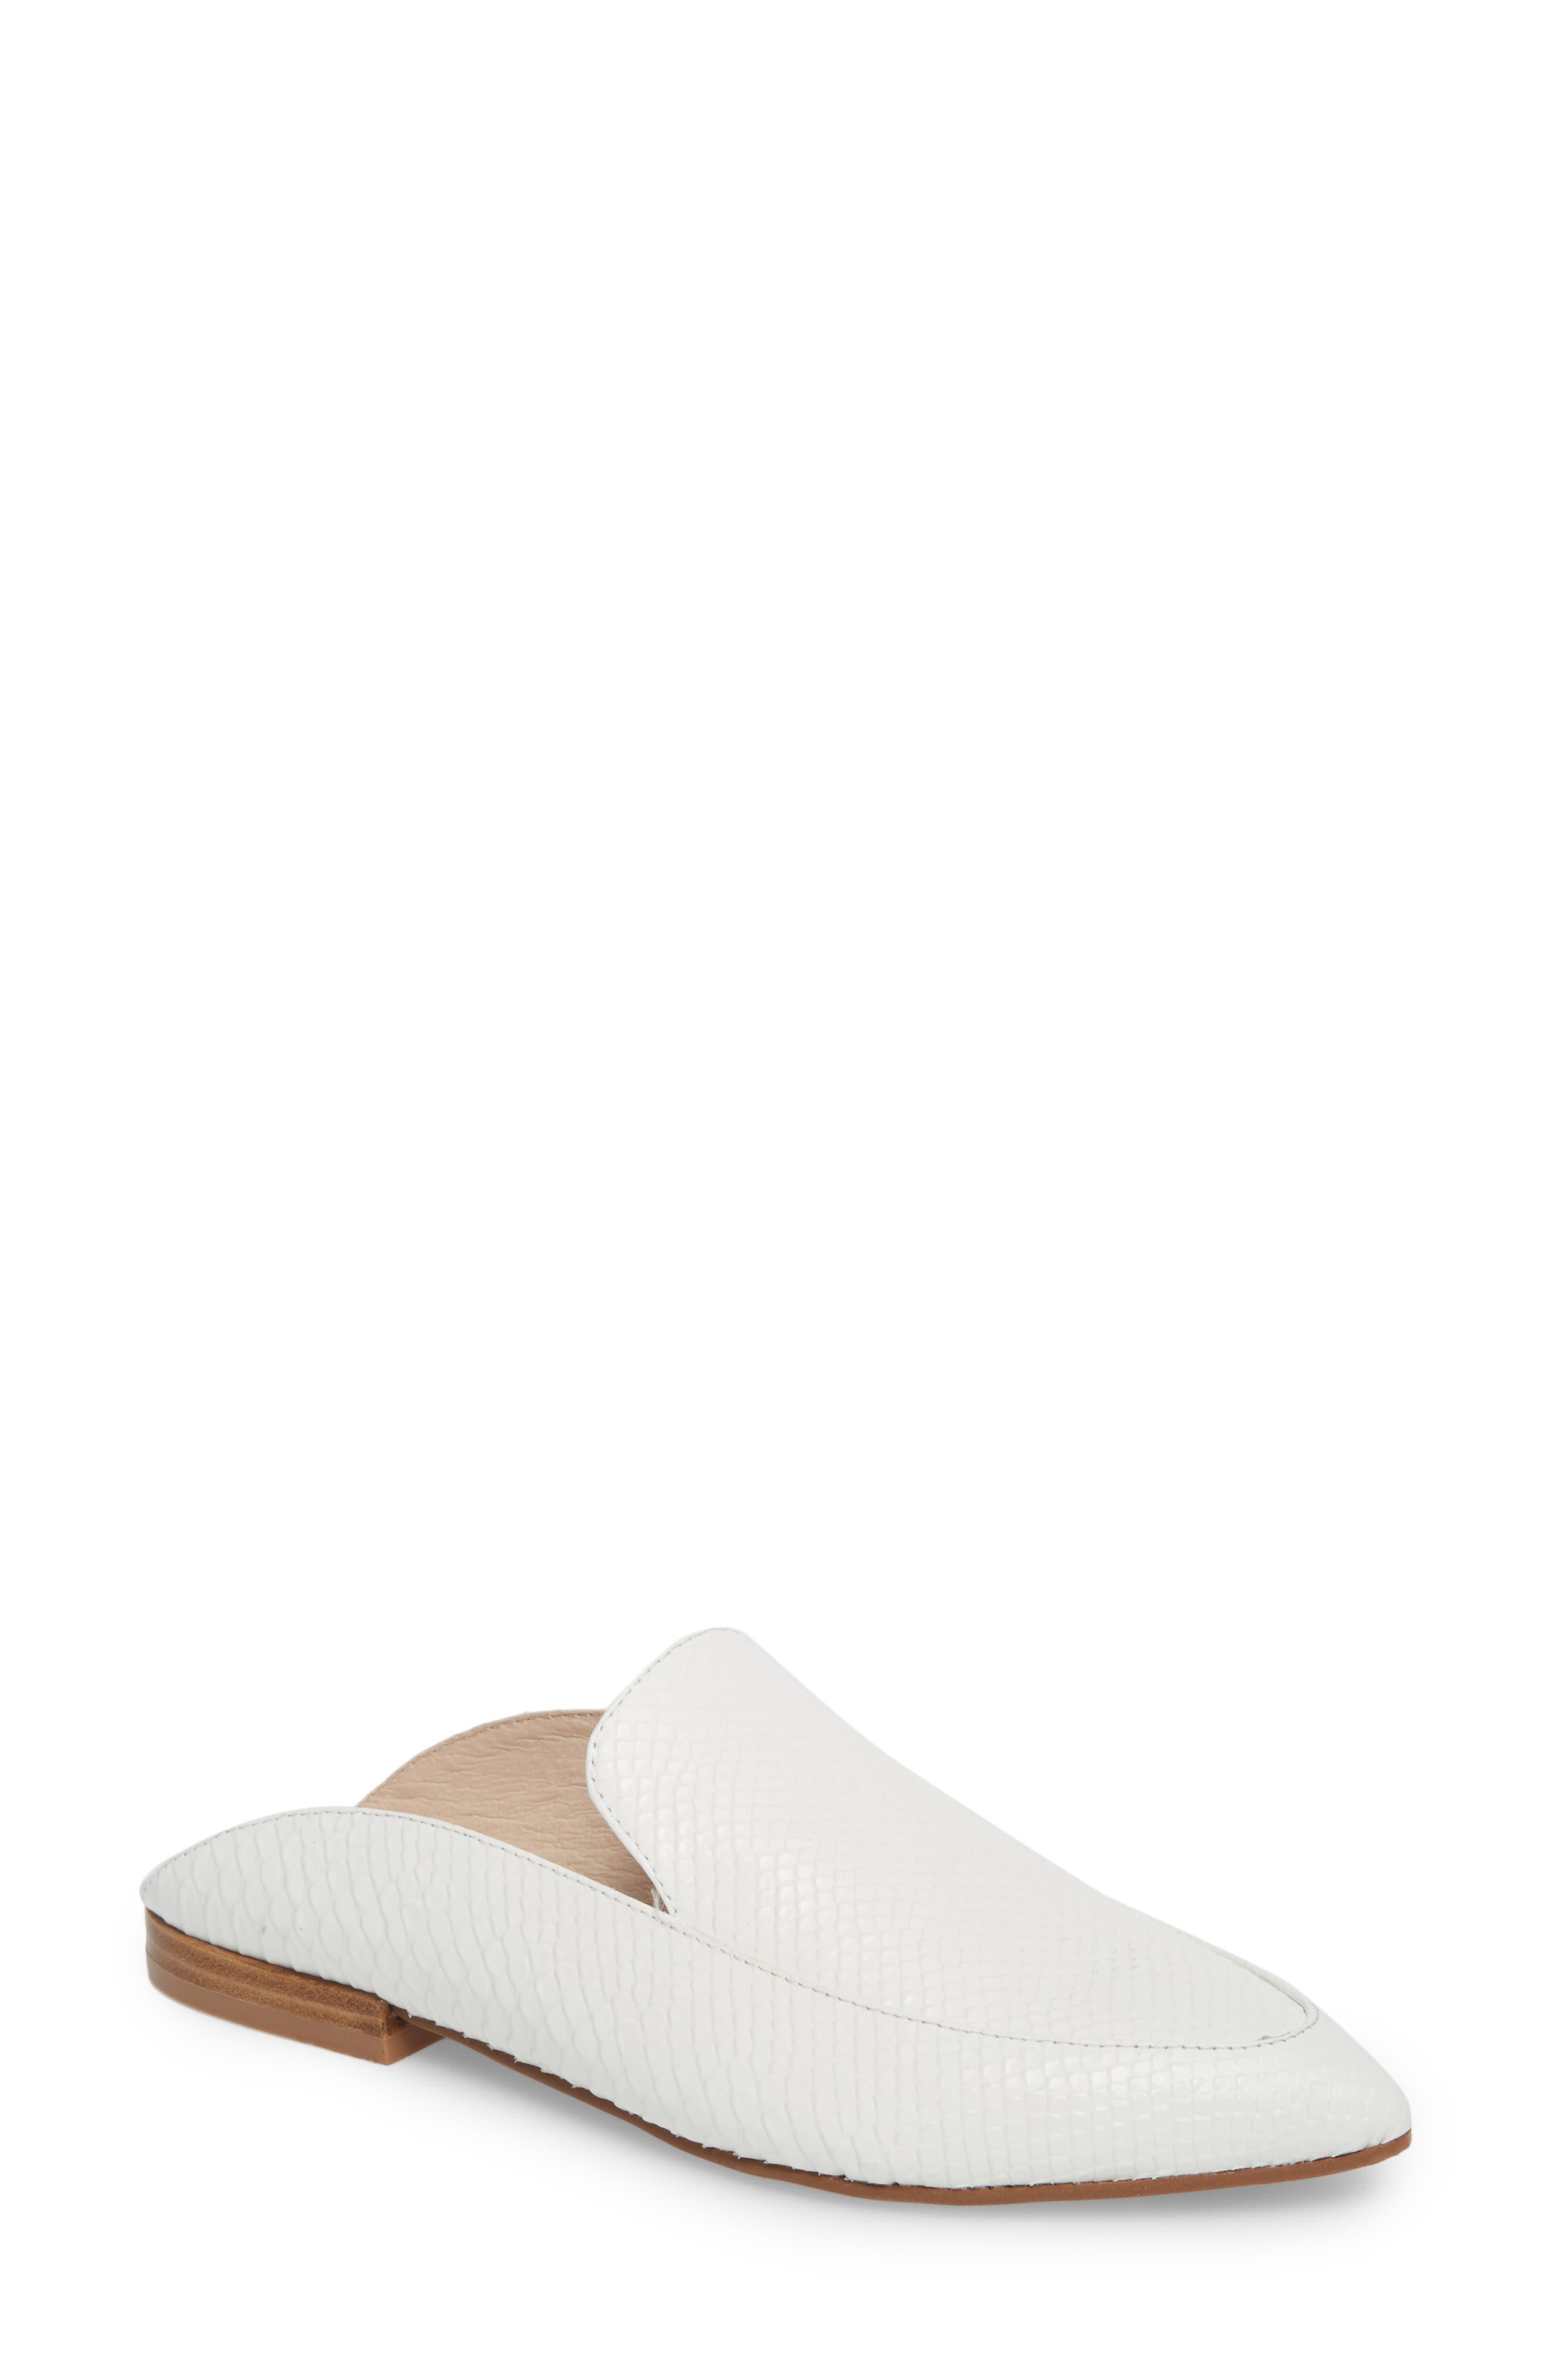 'Capri' Mule,                             Main thumbnail 1, color,                             White Leather